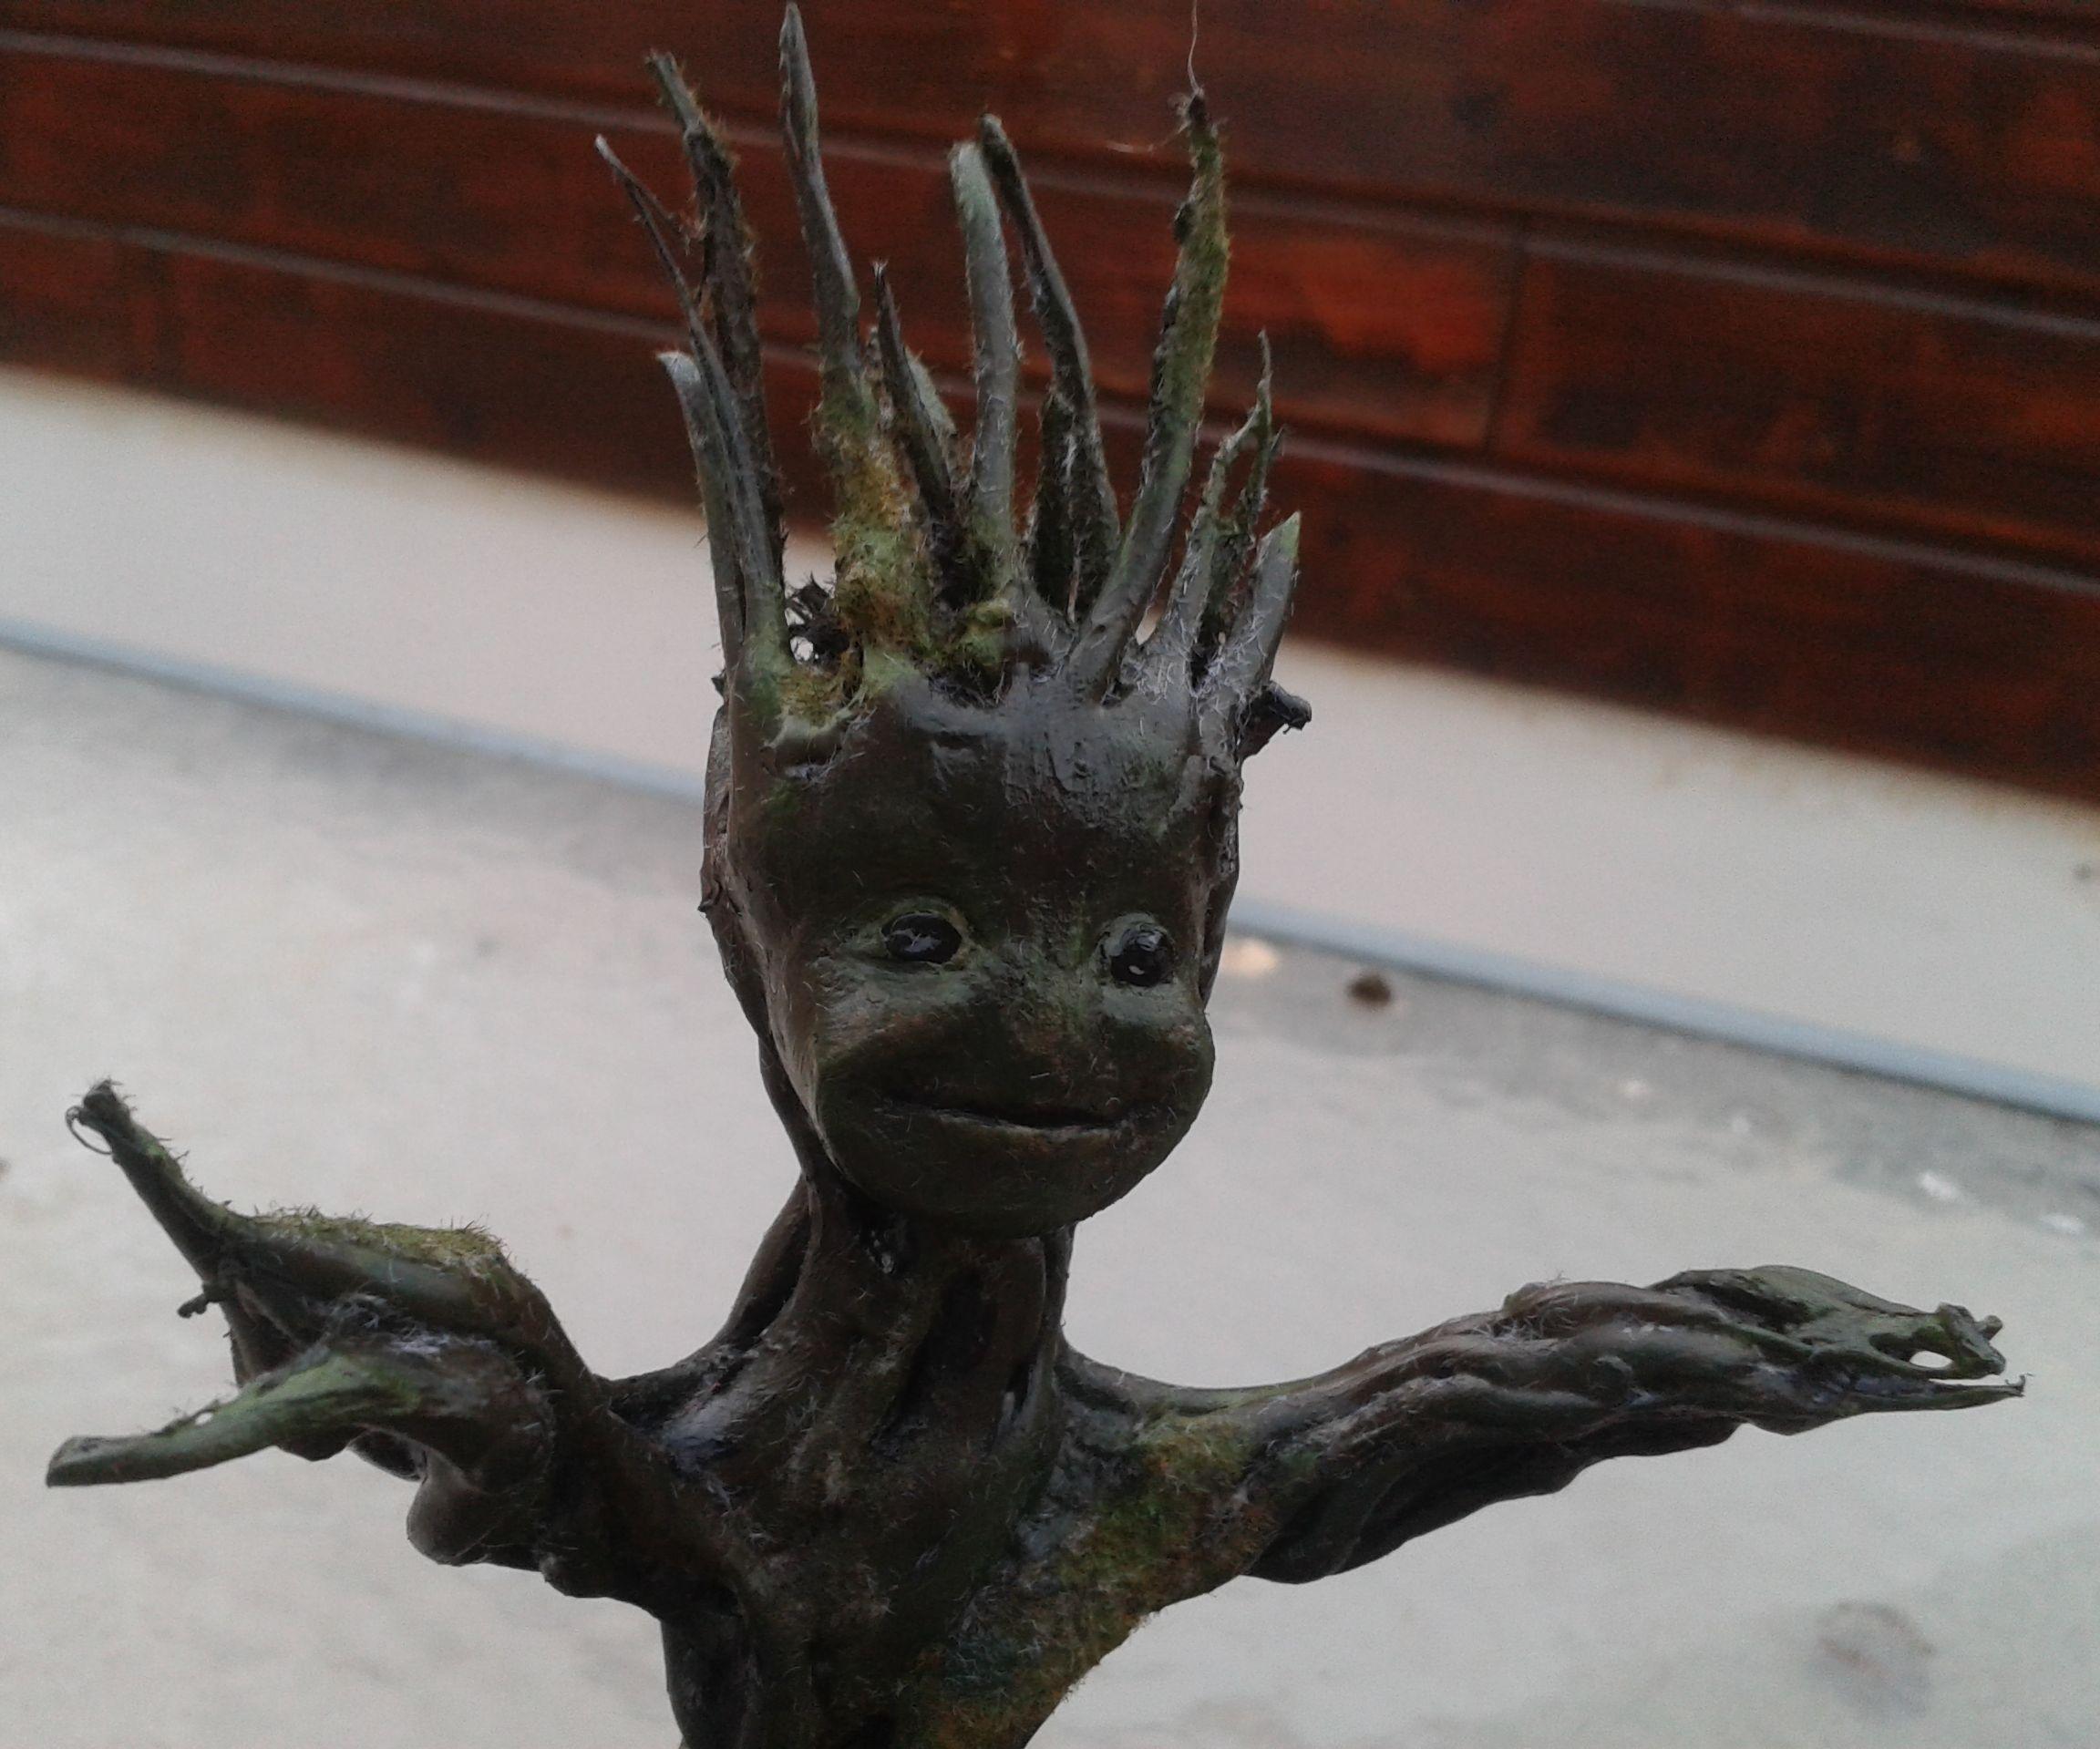 Homemade Baby Groot